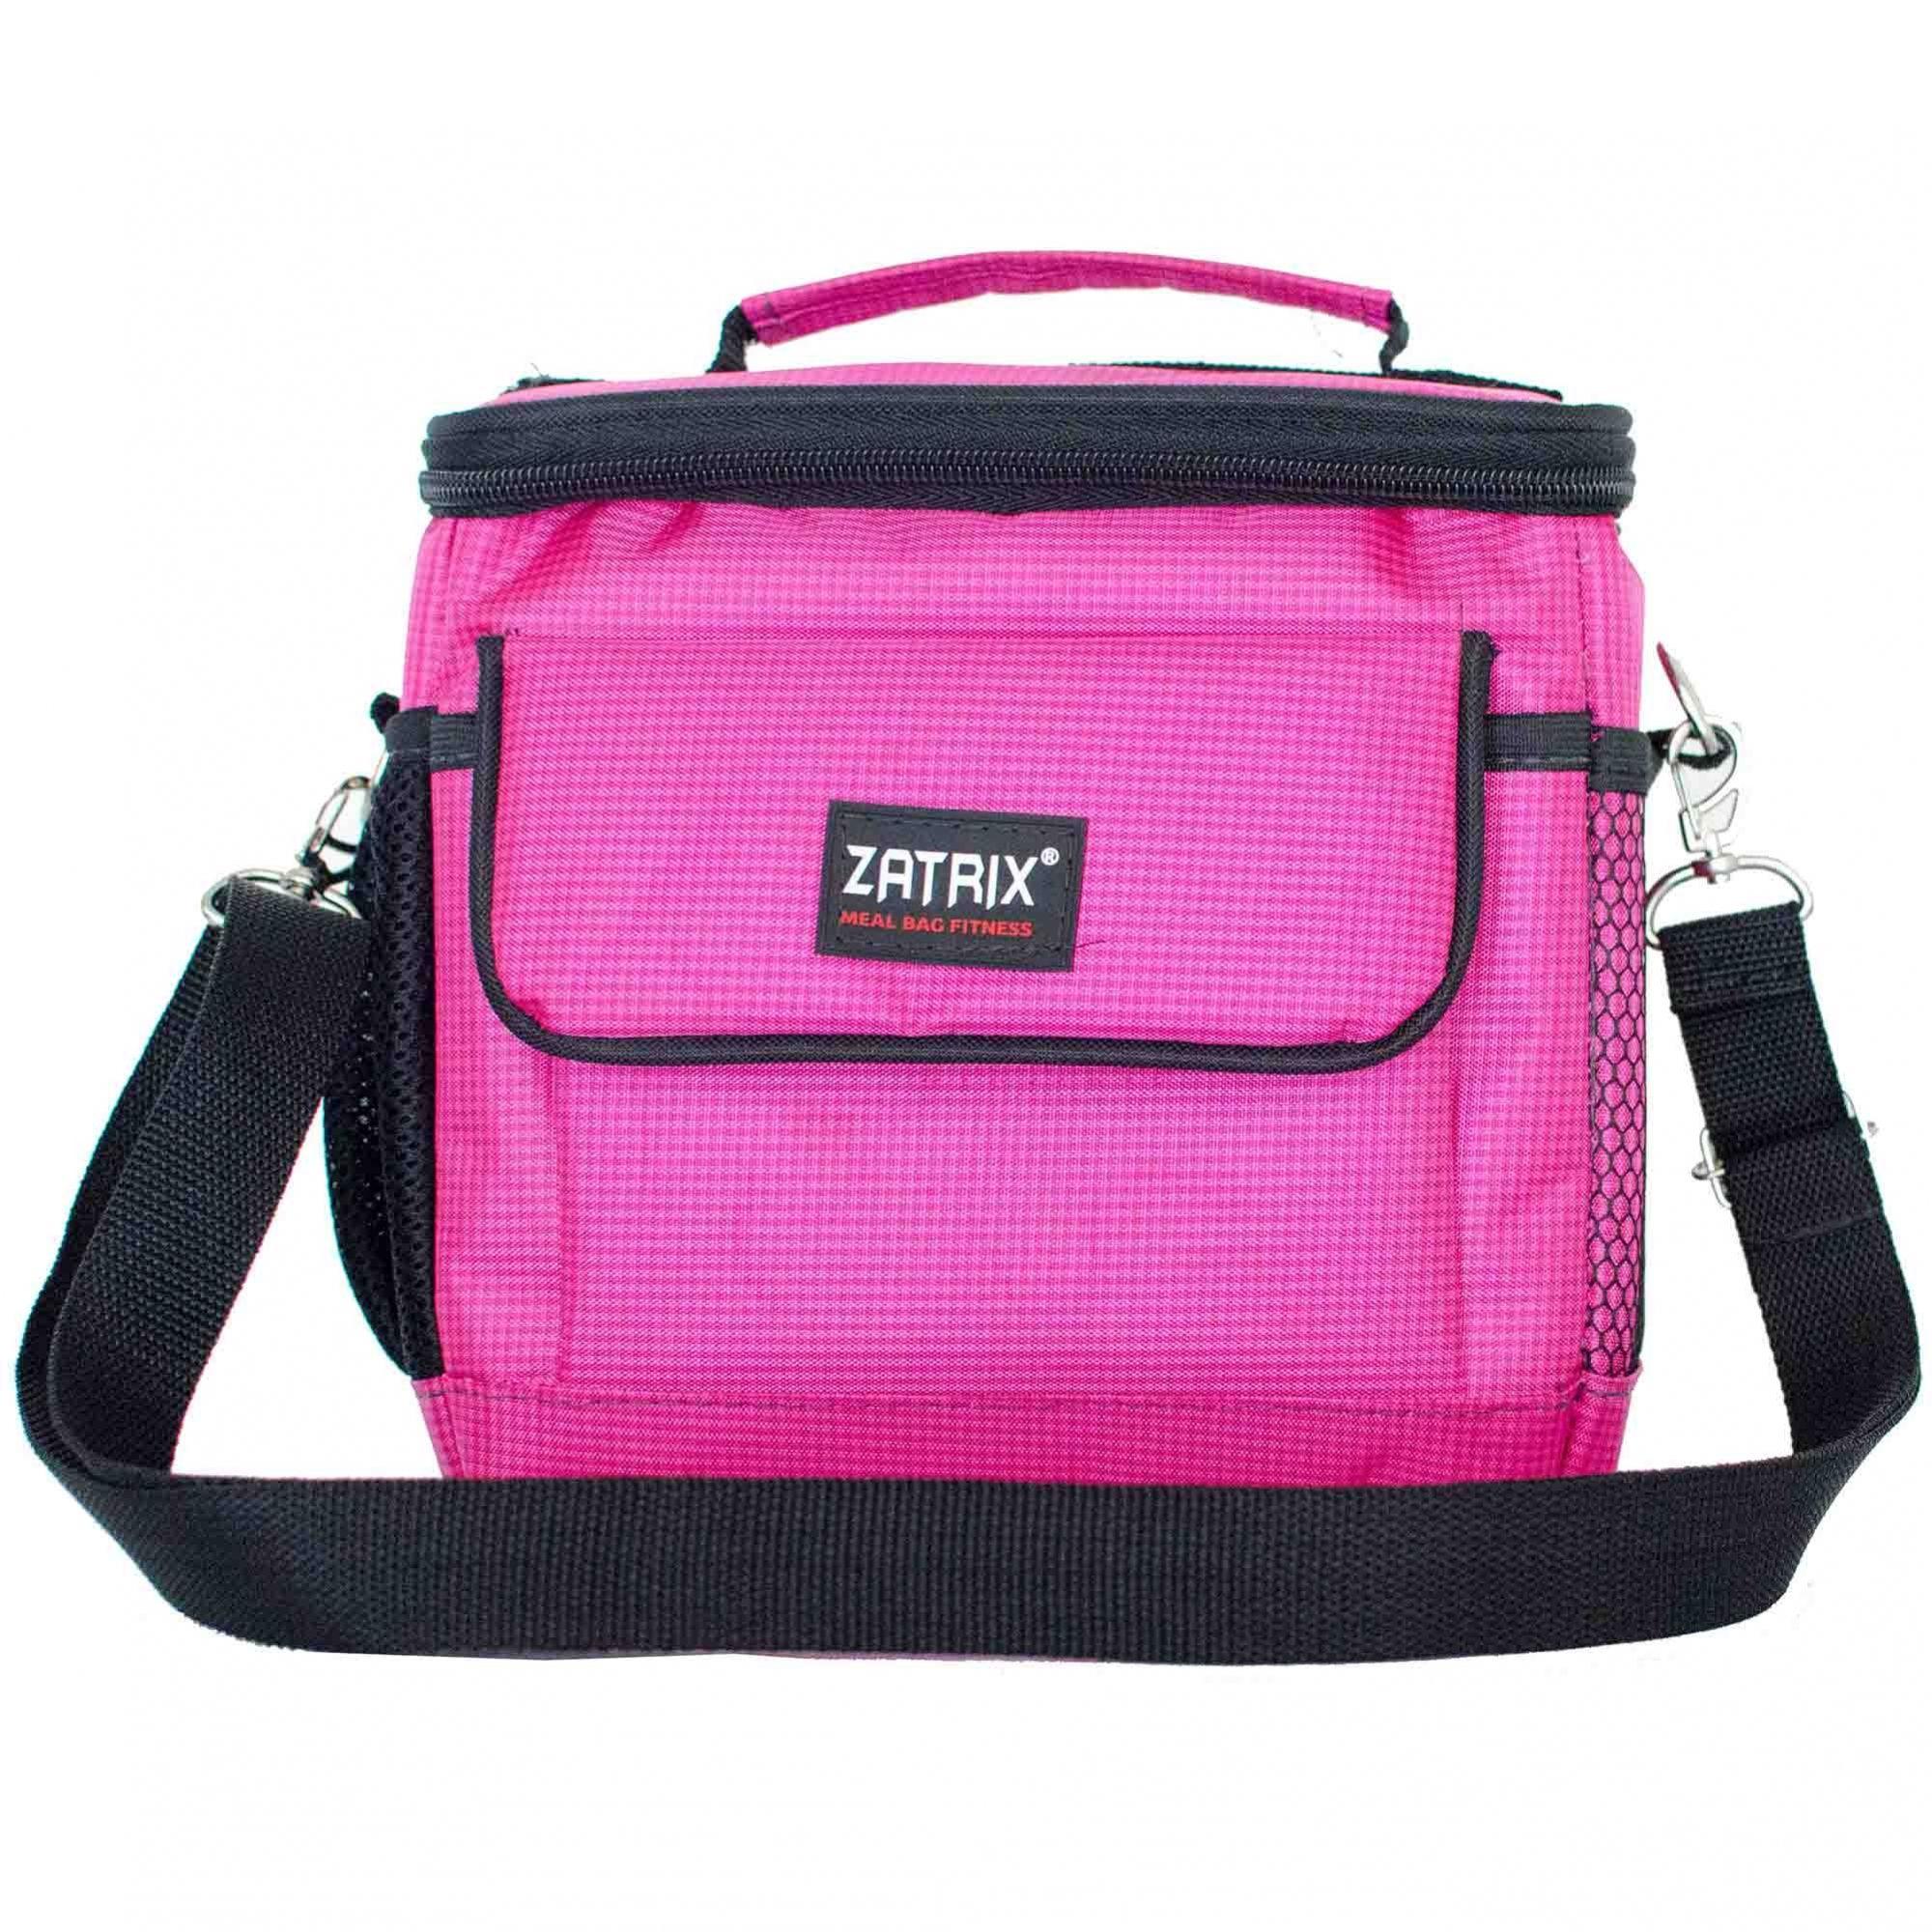 4cdd02cfcd1d3 Bolsa Térmica Compacta Pink - ZATRIX